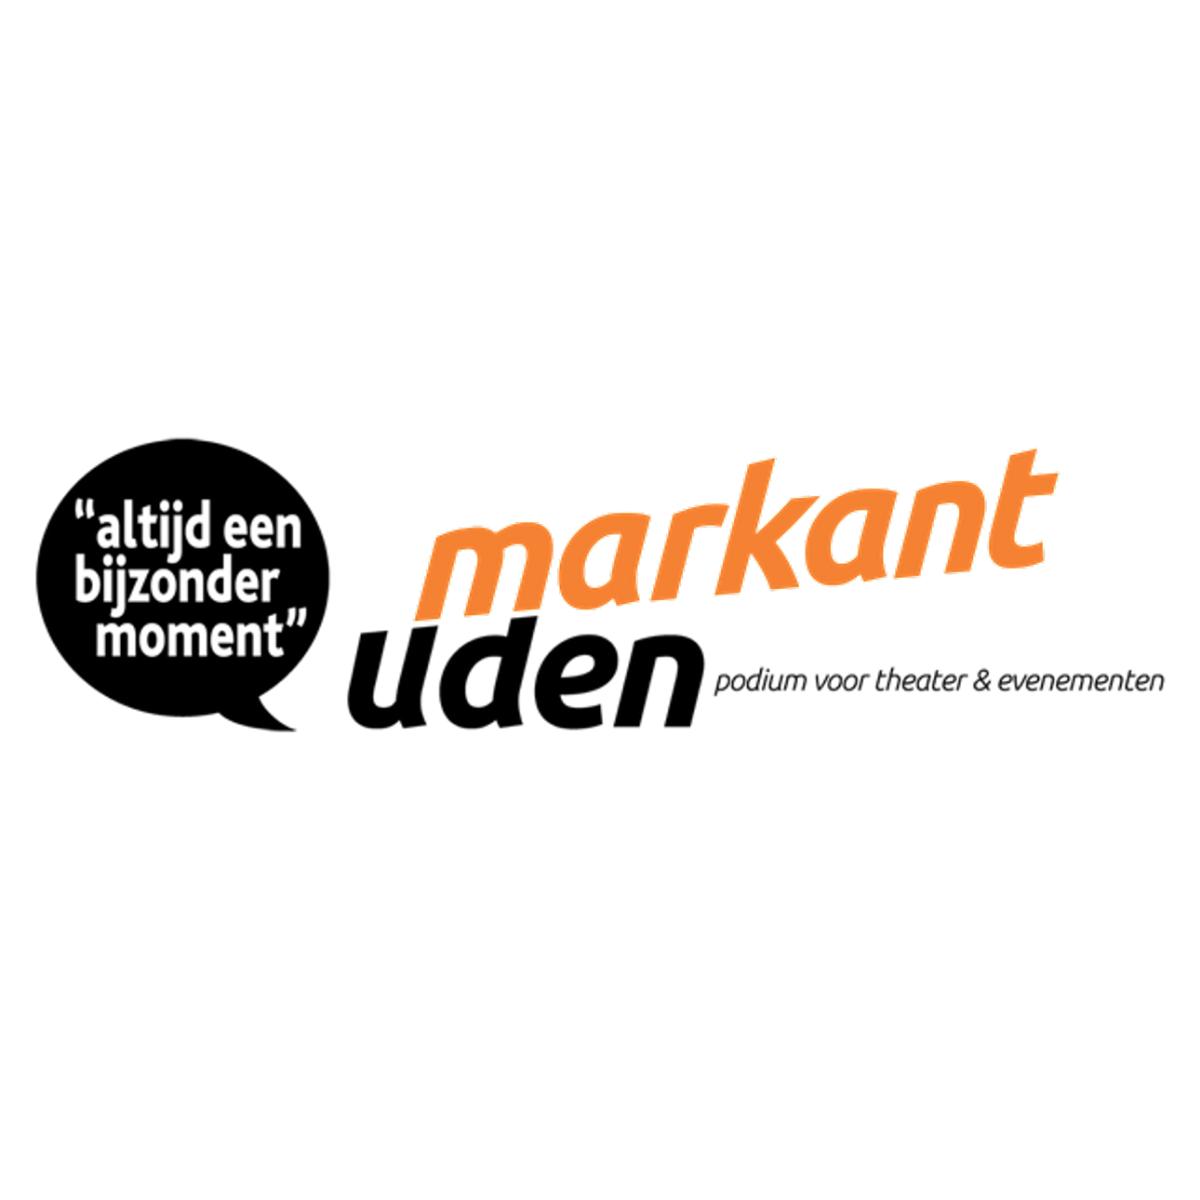 Logo markant uden